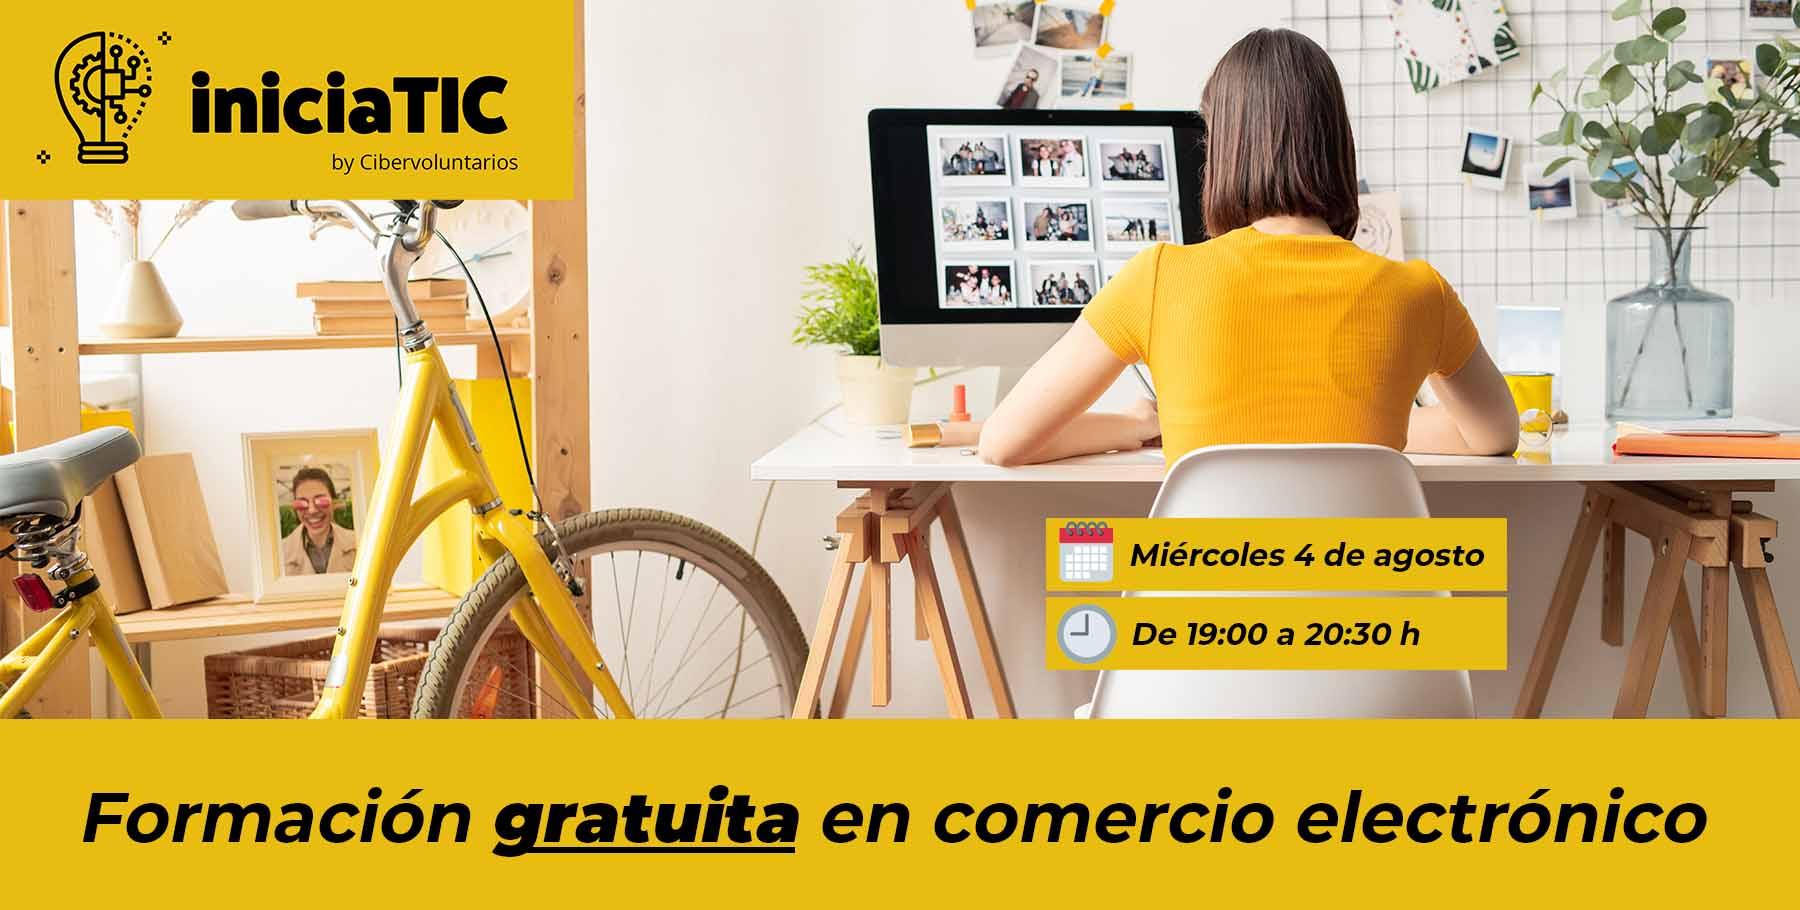 Impulsa tu negocio con la nueva ciberformación abierta y gratuita sobre e-commerce de IniciaTIC